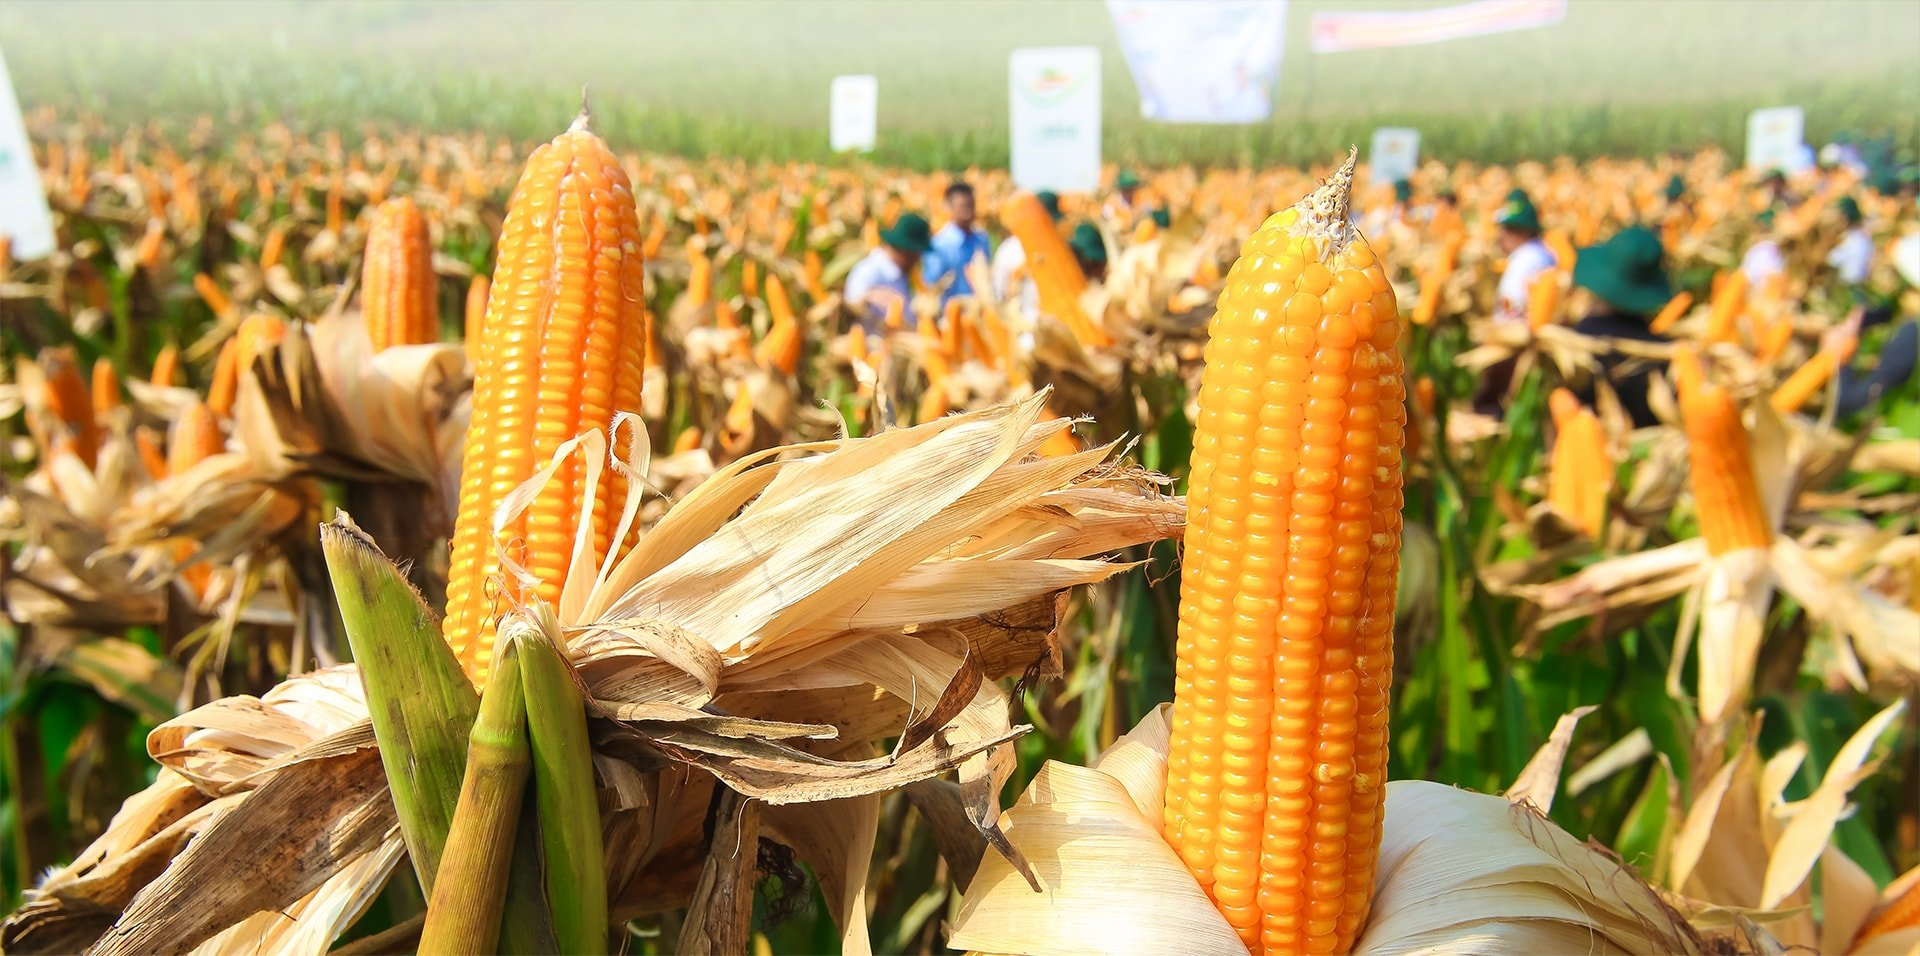 Bien doi gen - Thuc pham BĐG - GMO - CropLife Viet Nam